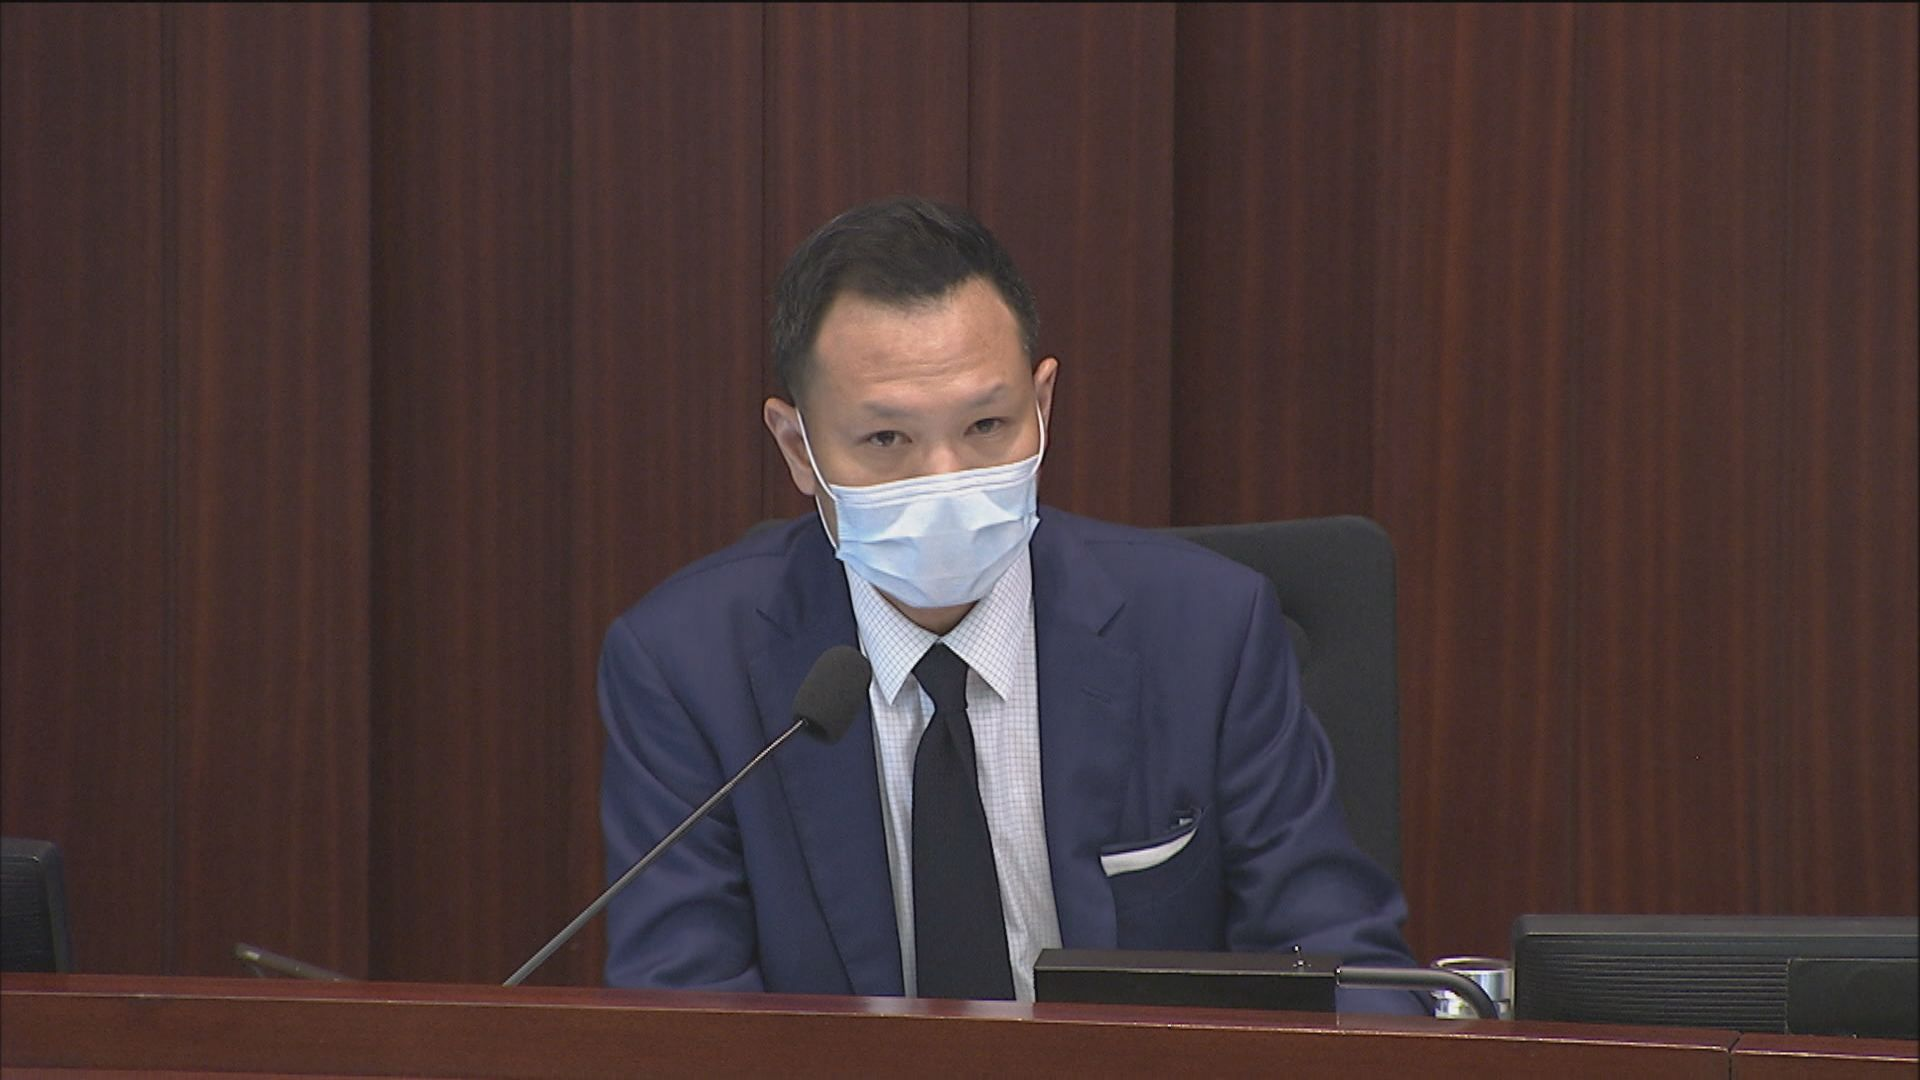 郭榮鏗裁決下午內會須繼續主席選舉